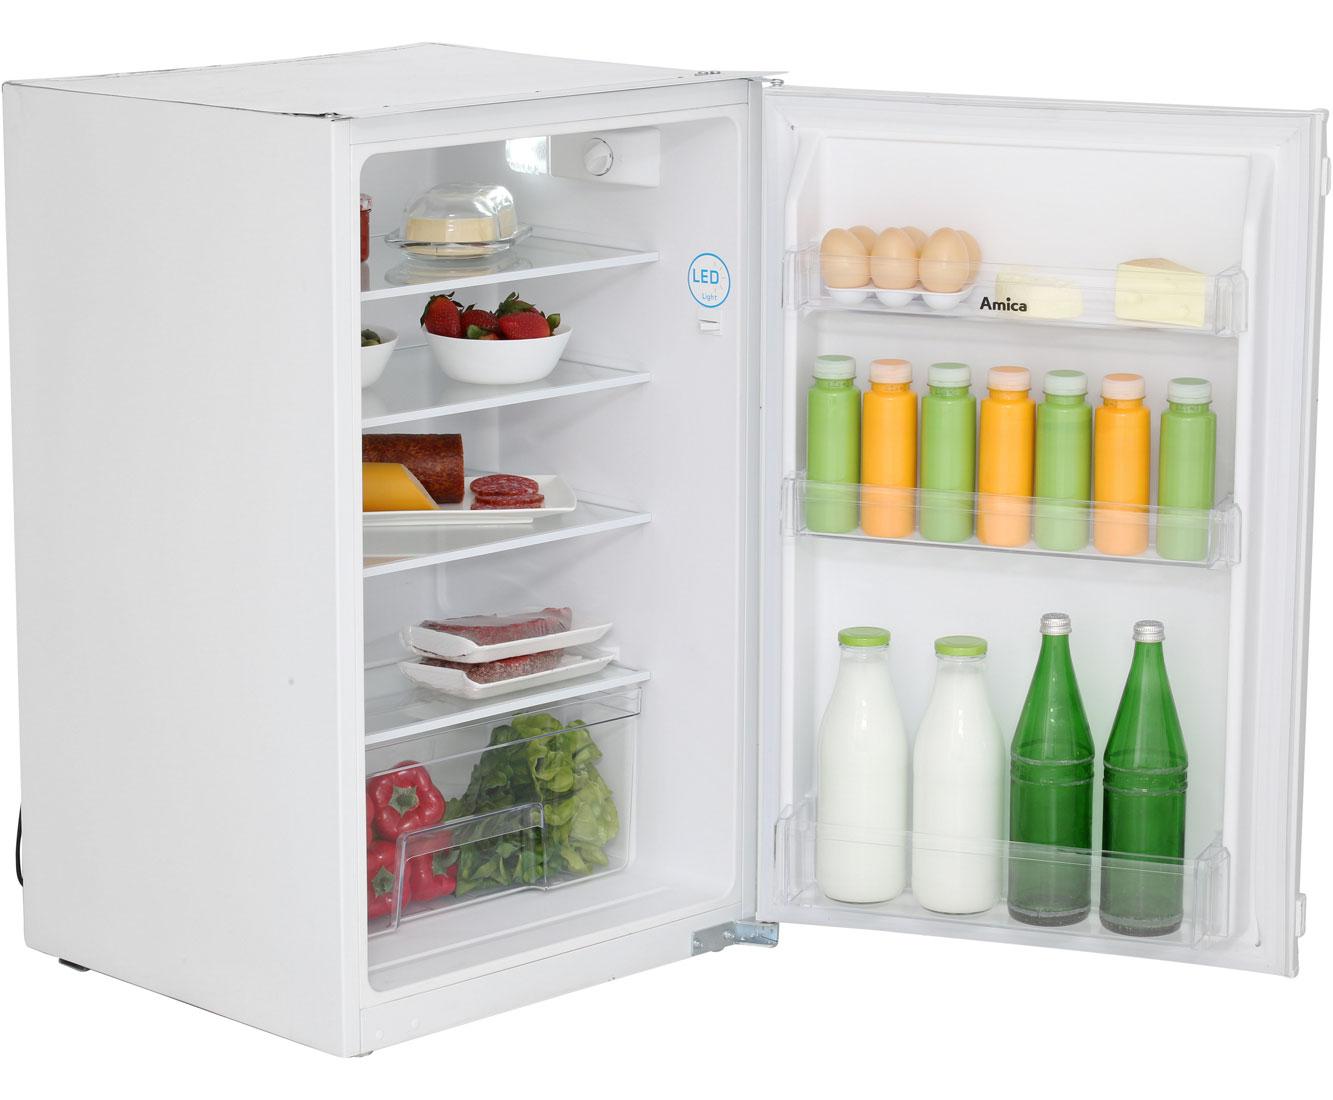 Amica Kühlschrank Mini : Amica kühlschrank klein amica kühlschränke mit